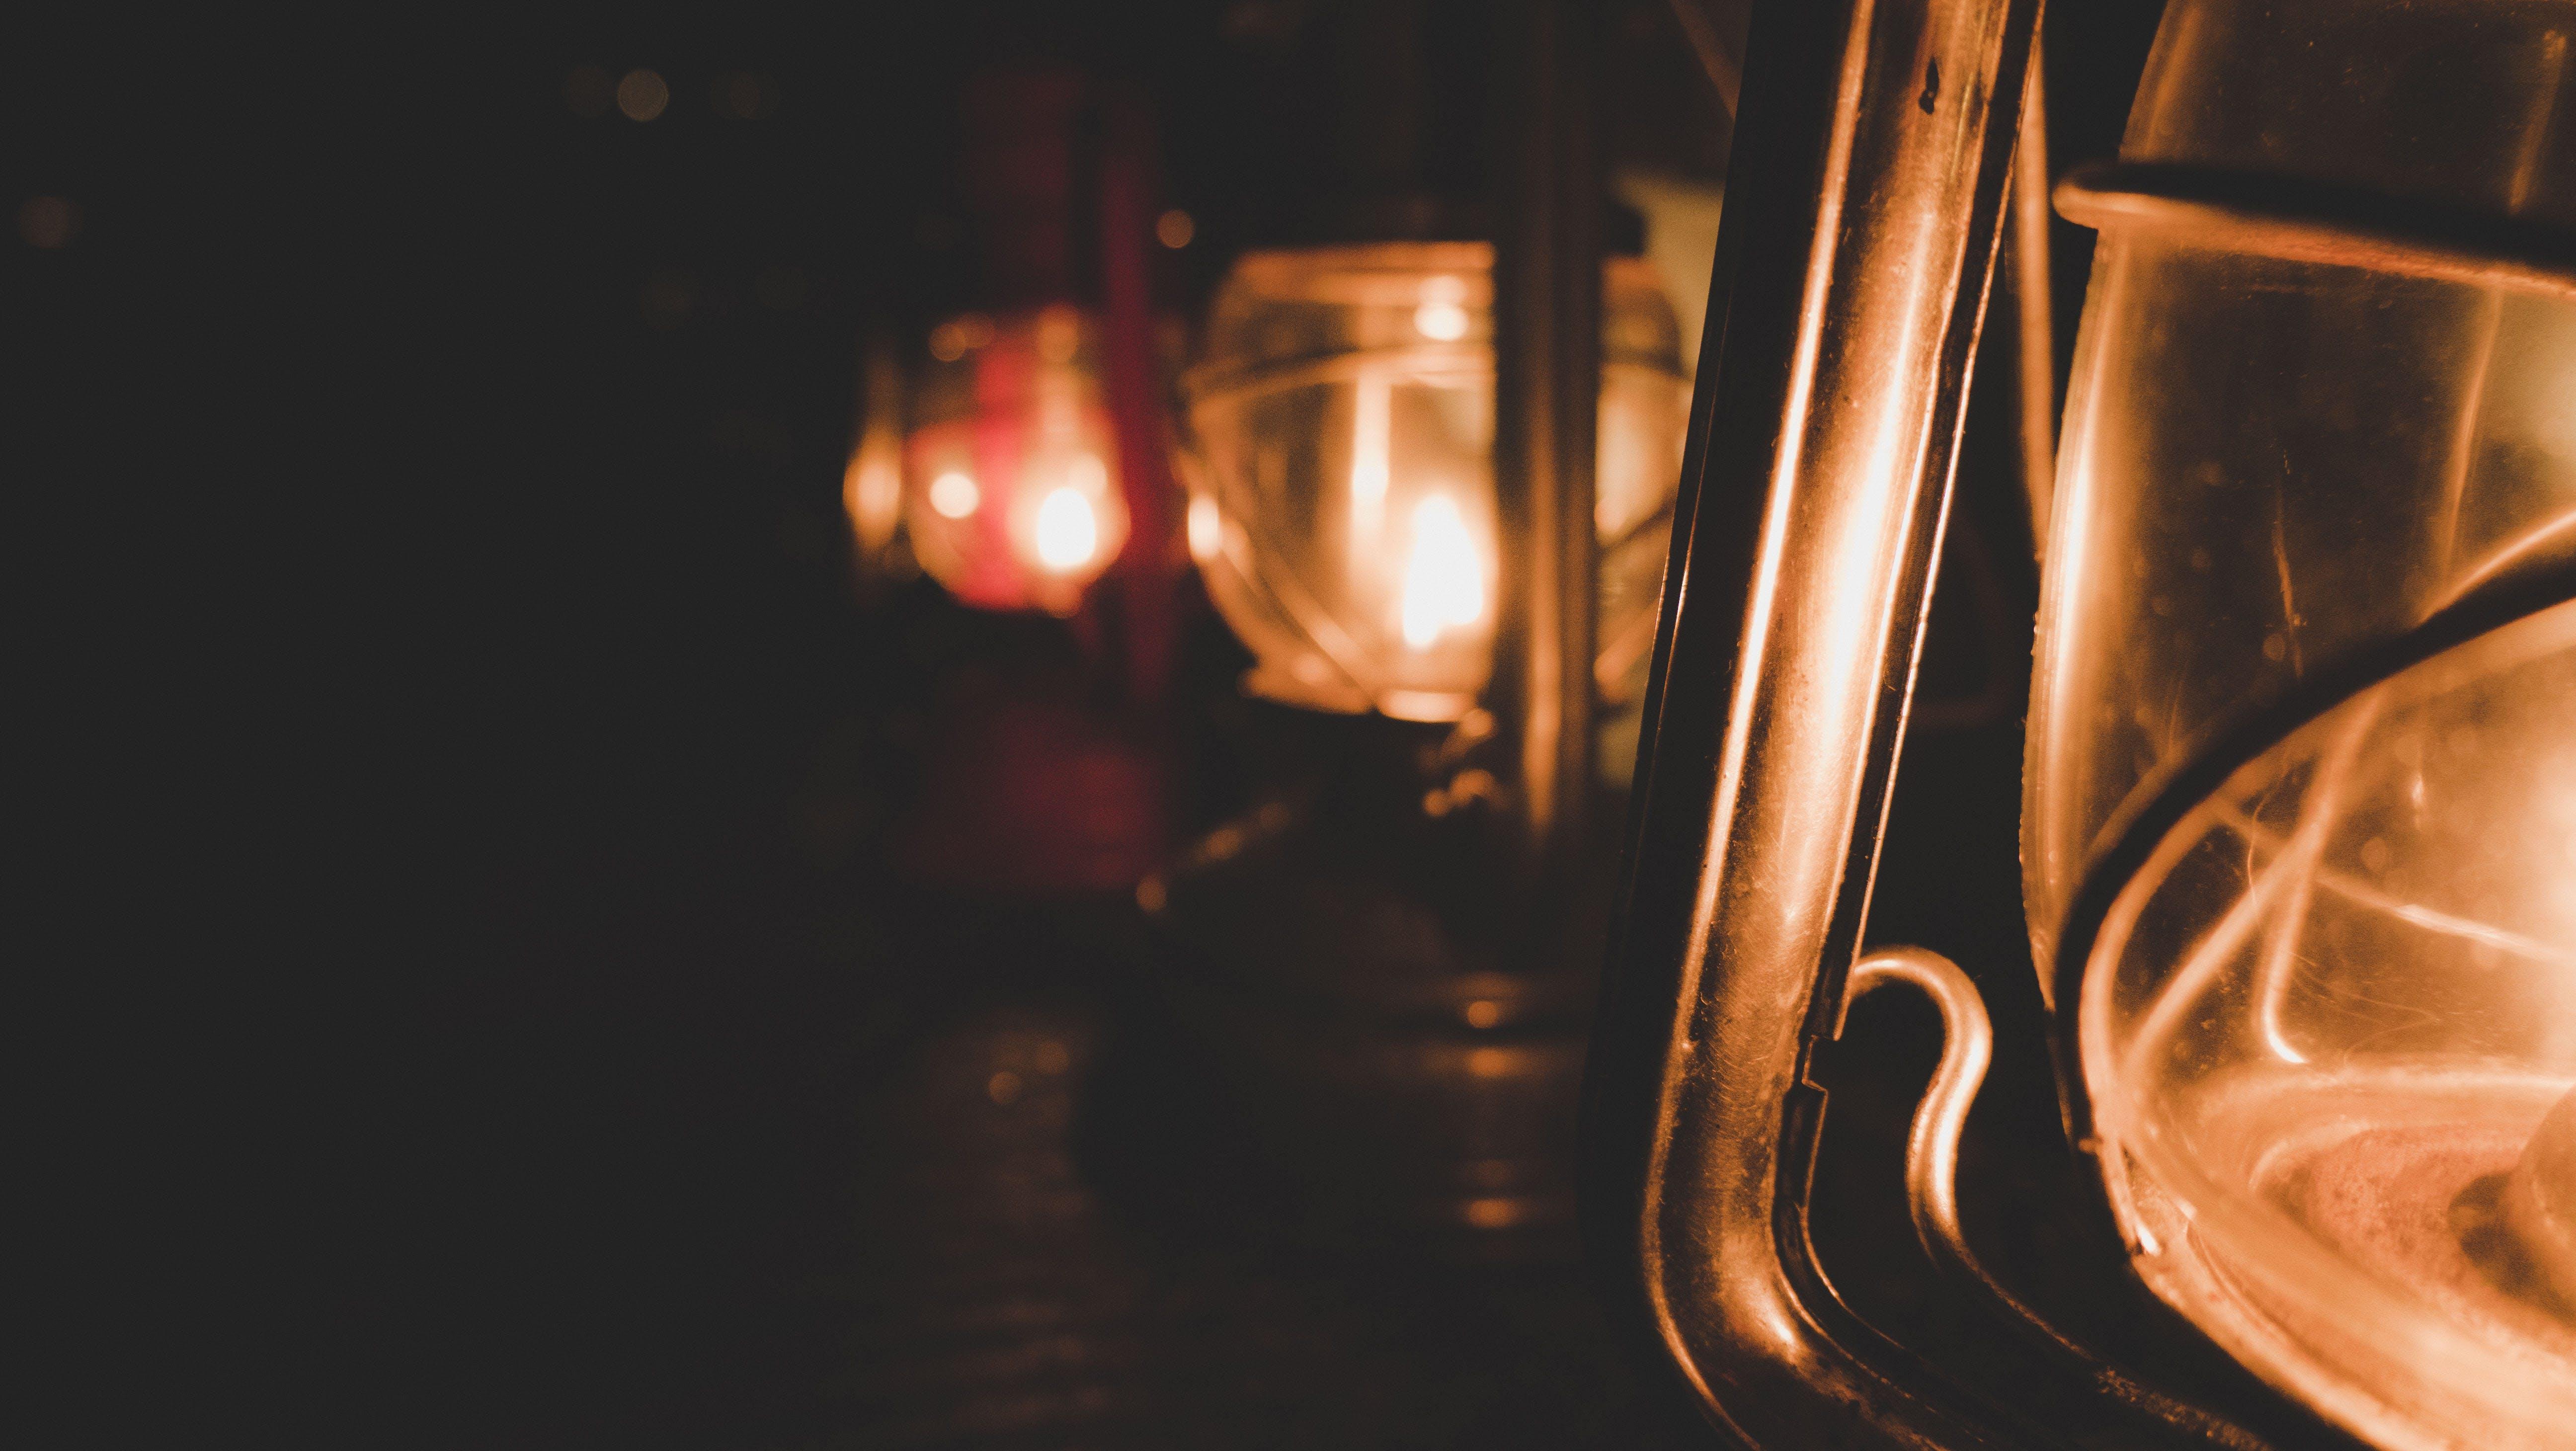 Immagine gratuita di fuoco, lampada, latern